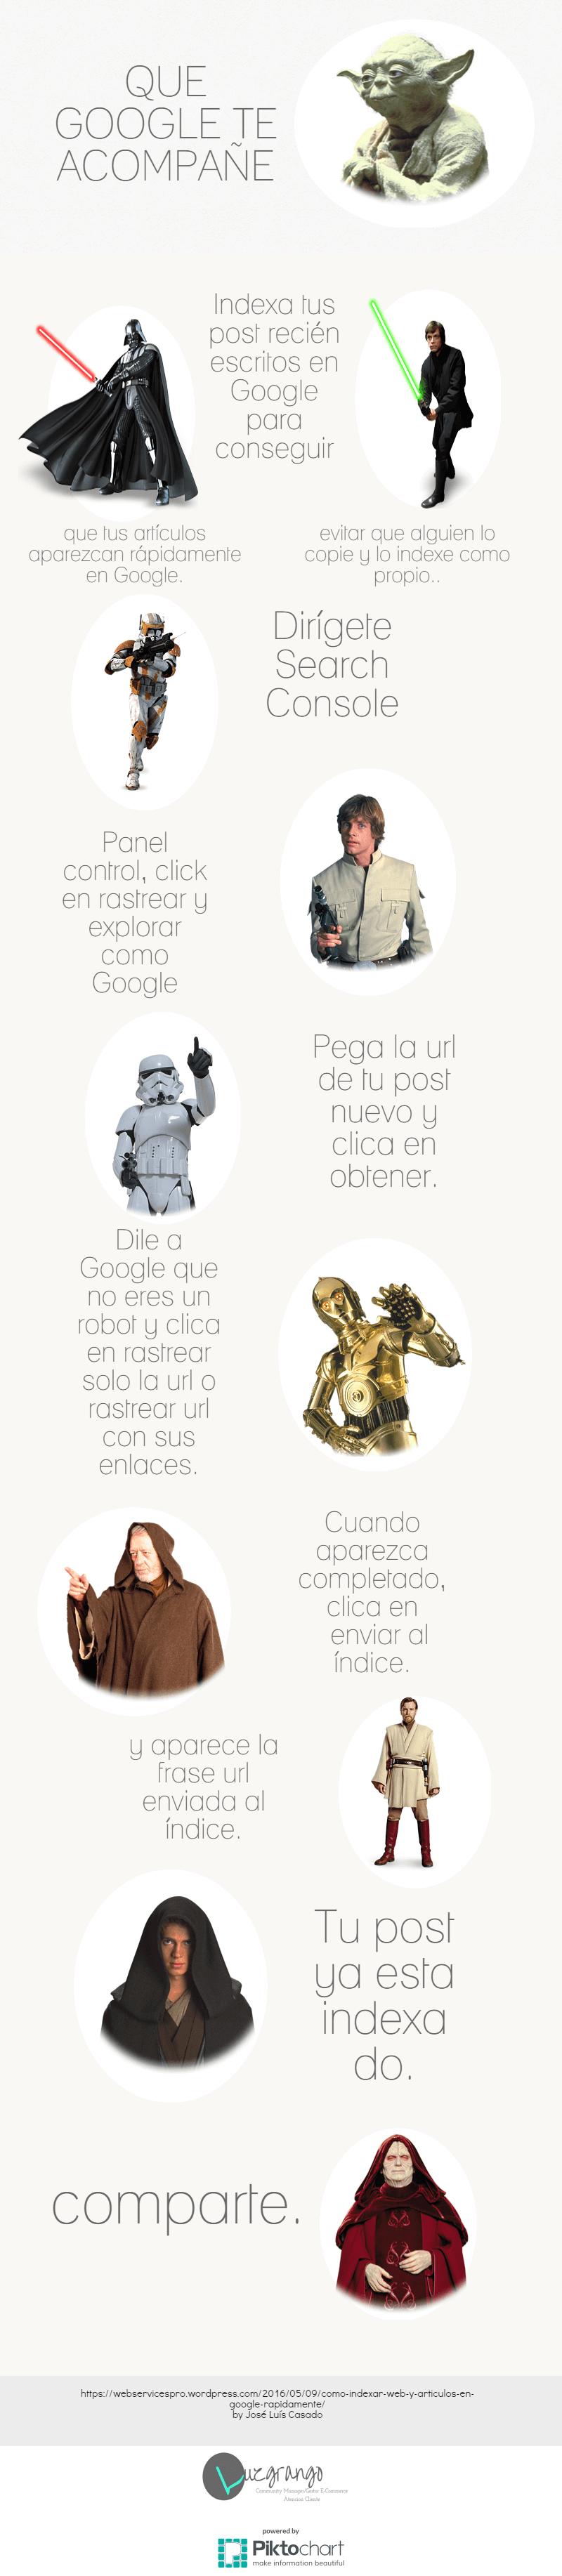 Qué Google te acompañe